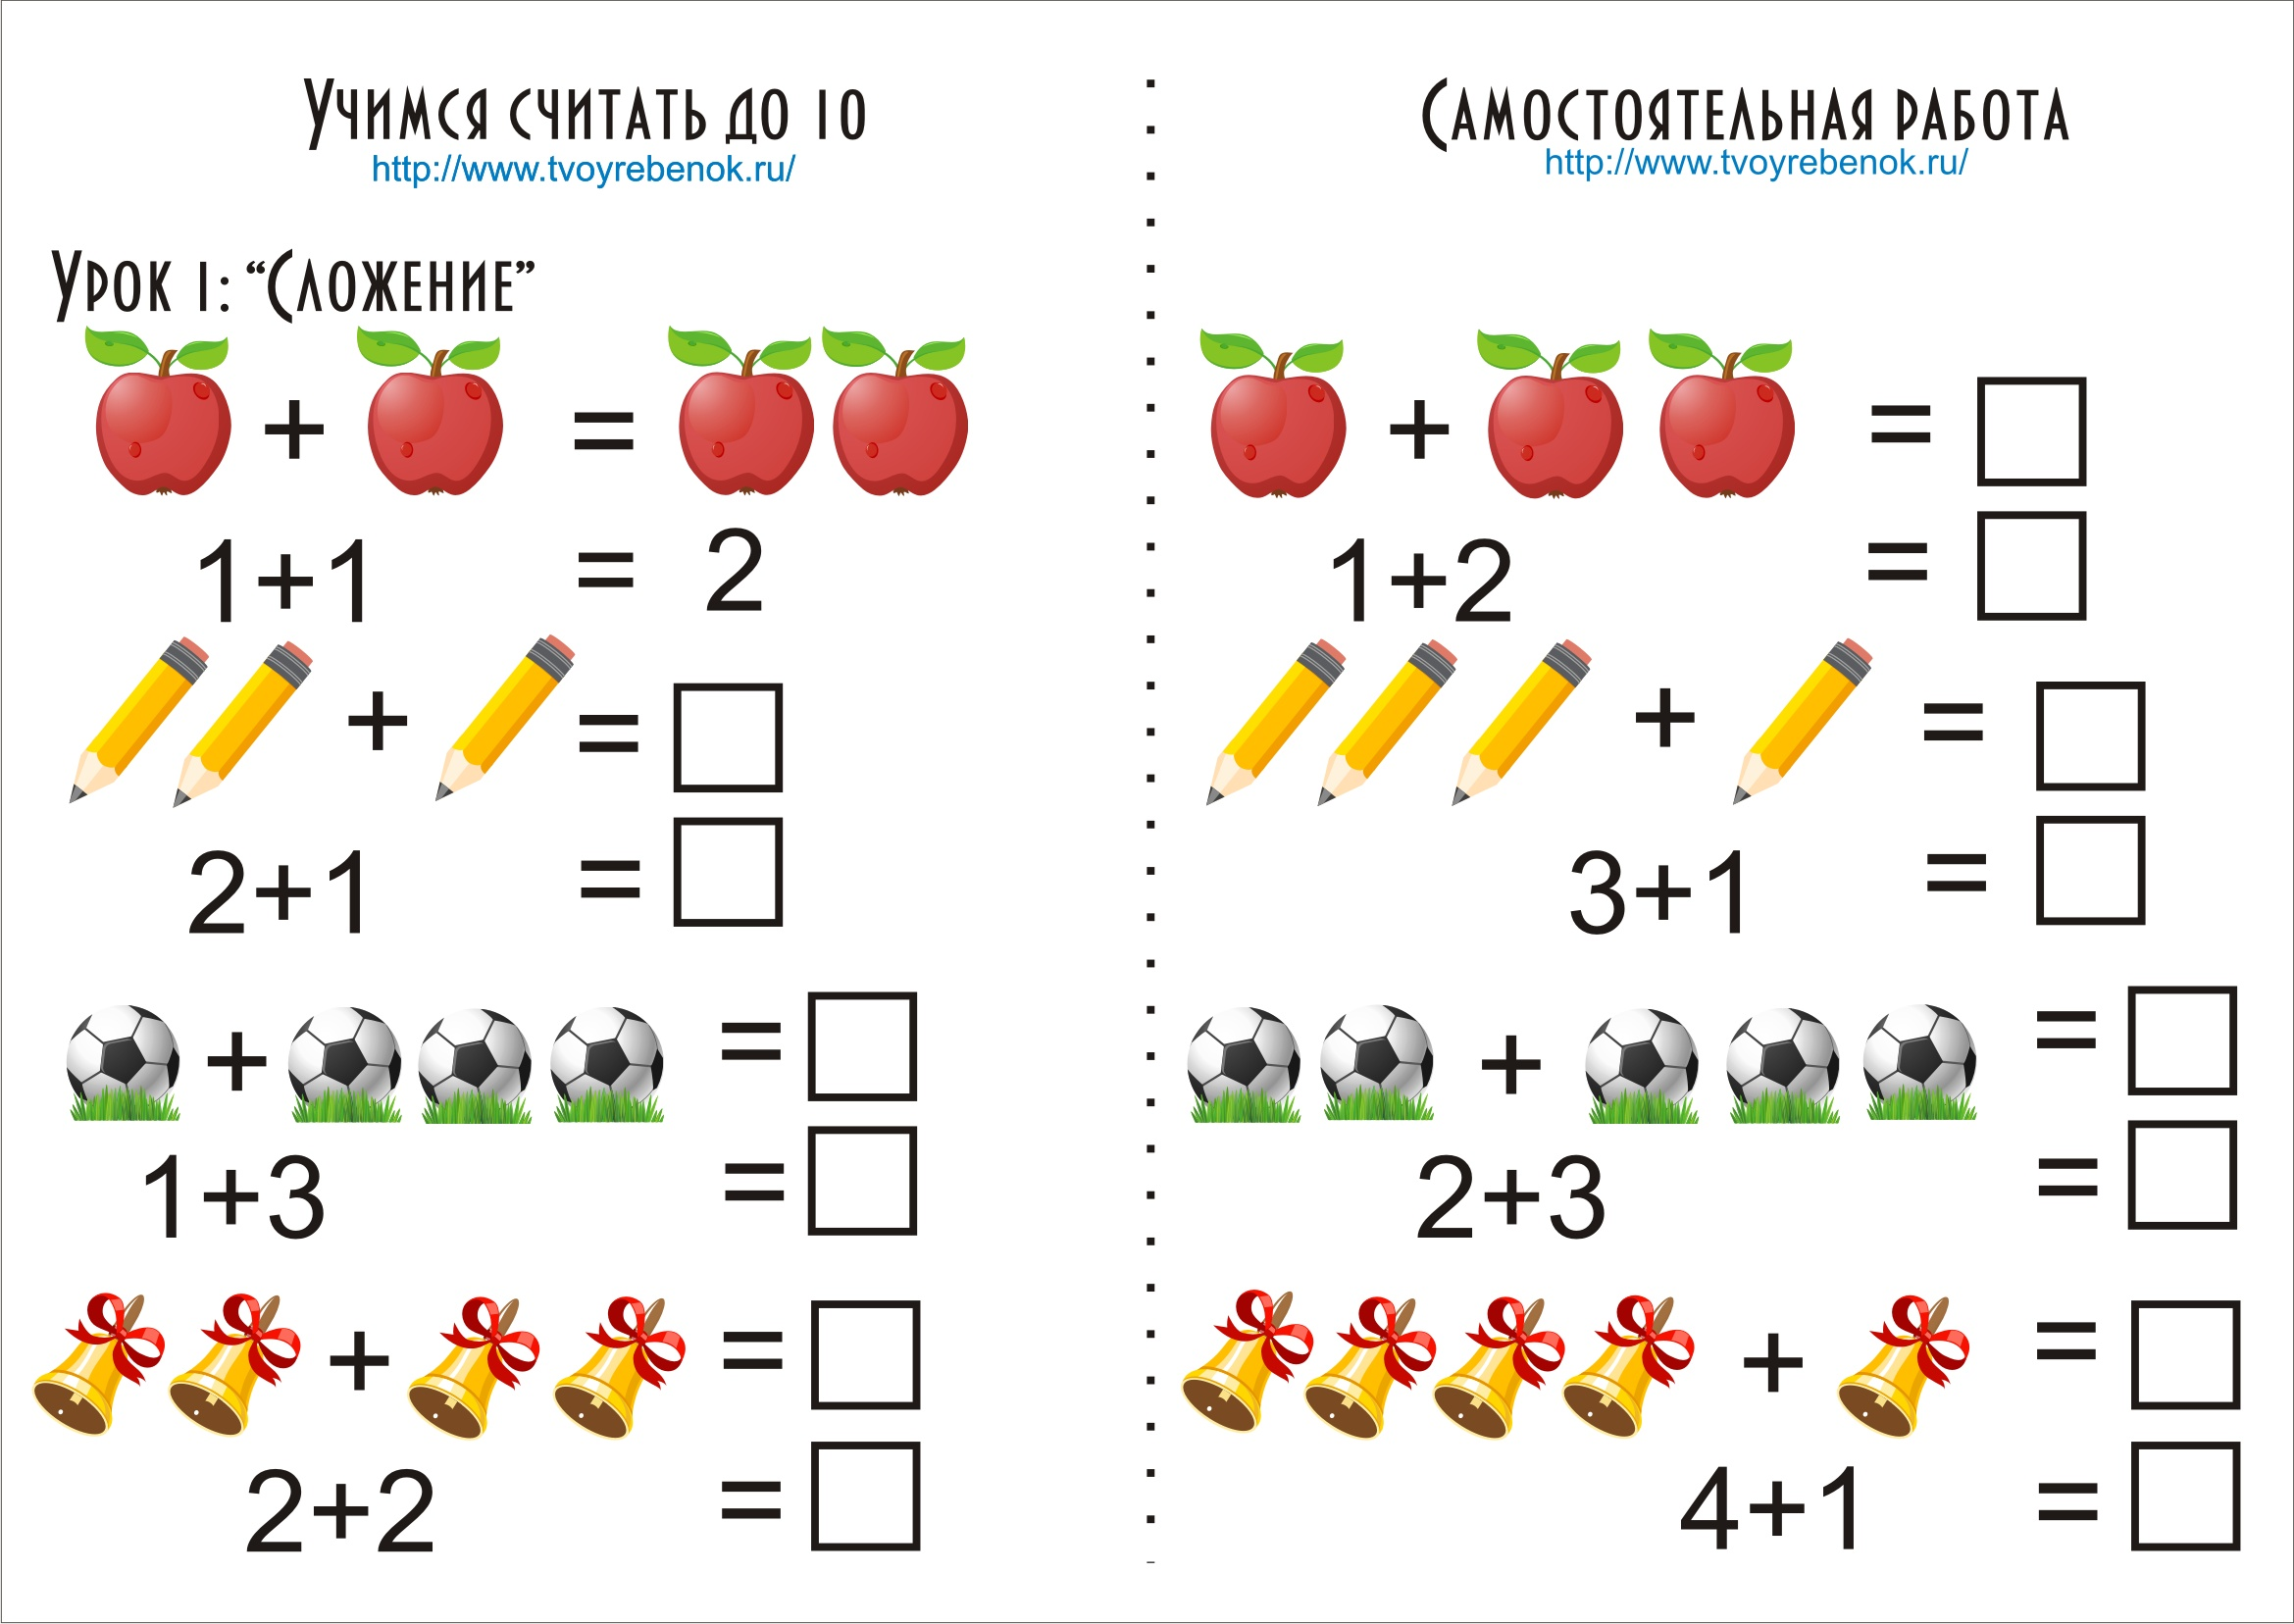 Программа По Логопедии Для Дошкольников